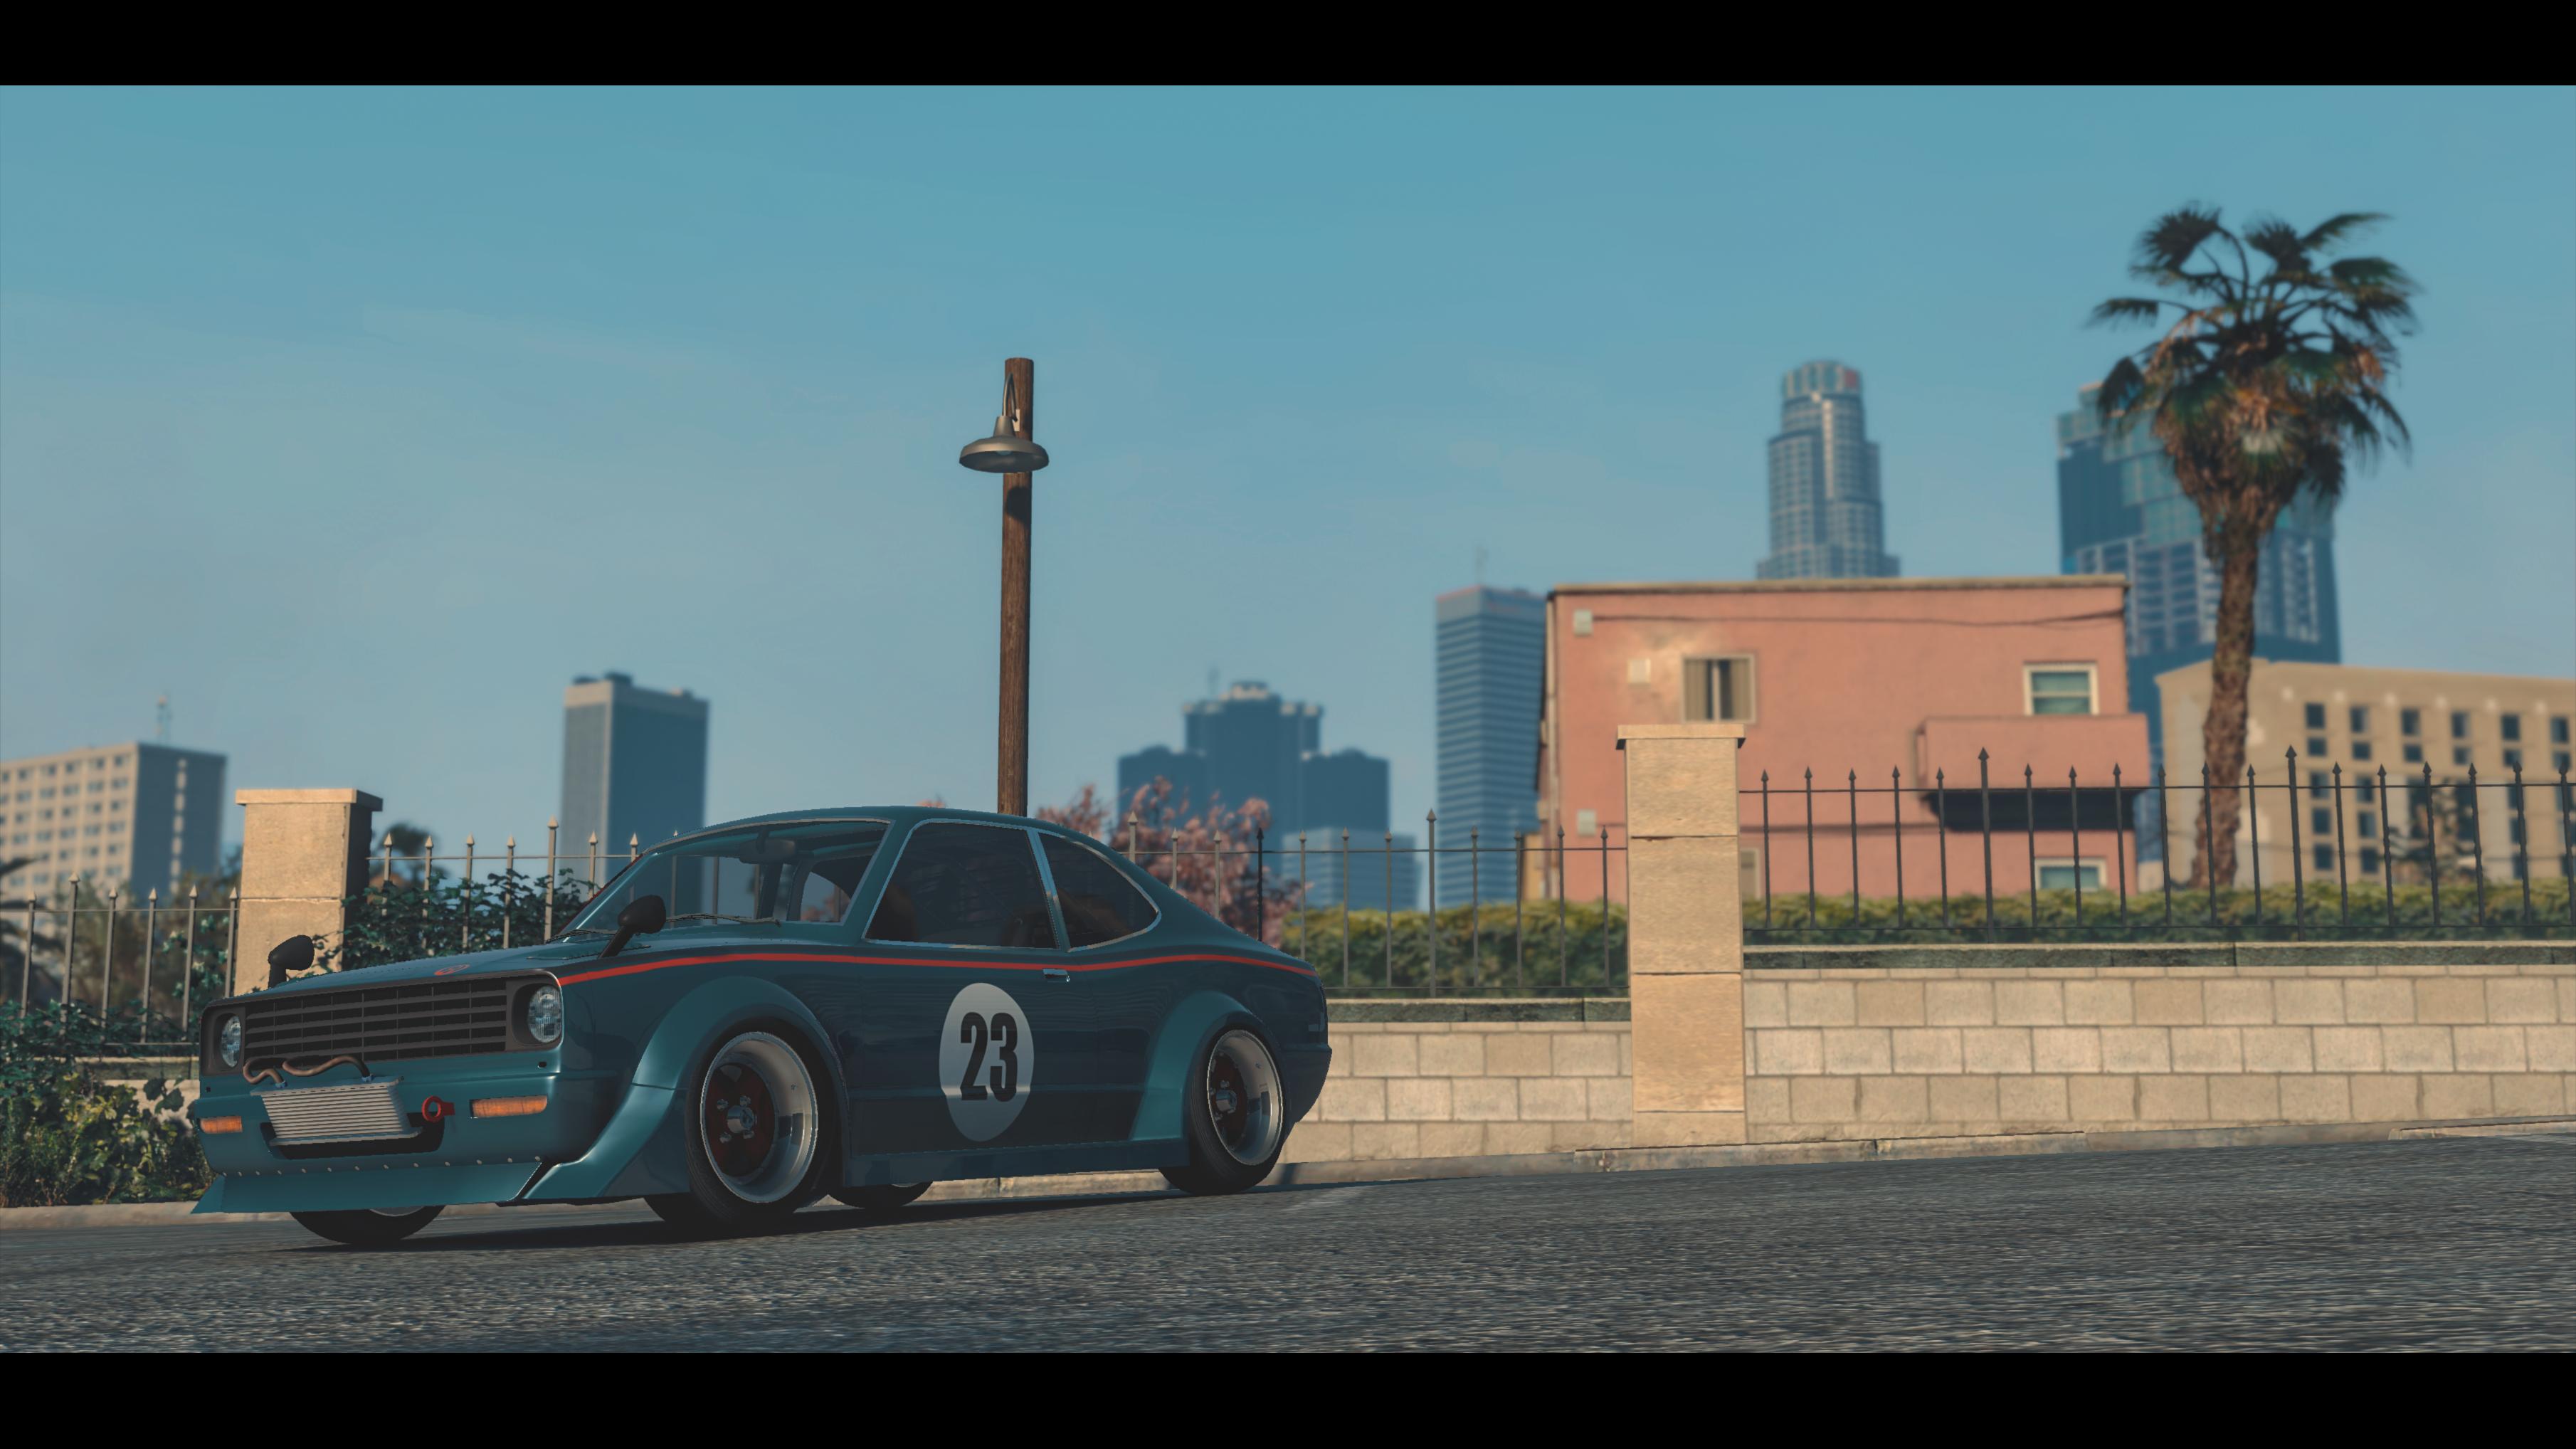 Grand_Theft_Auto_V_Screenshot_2019.05.09